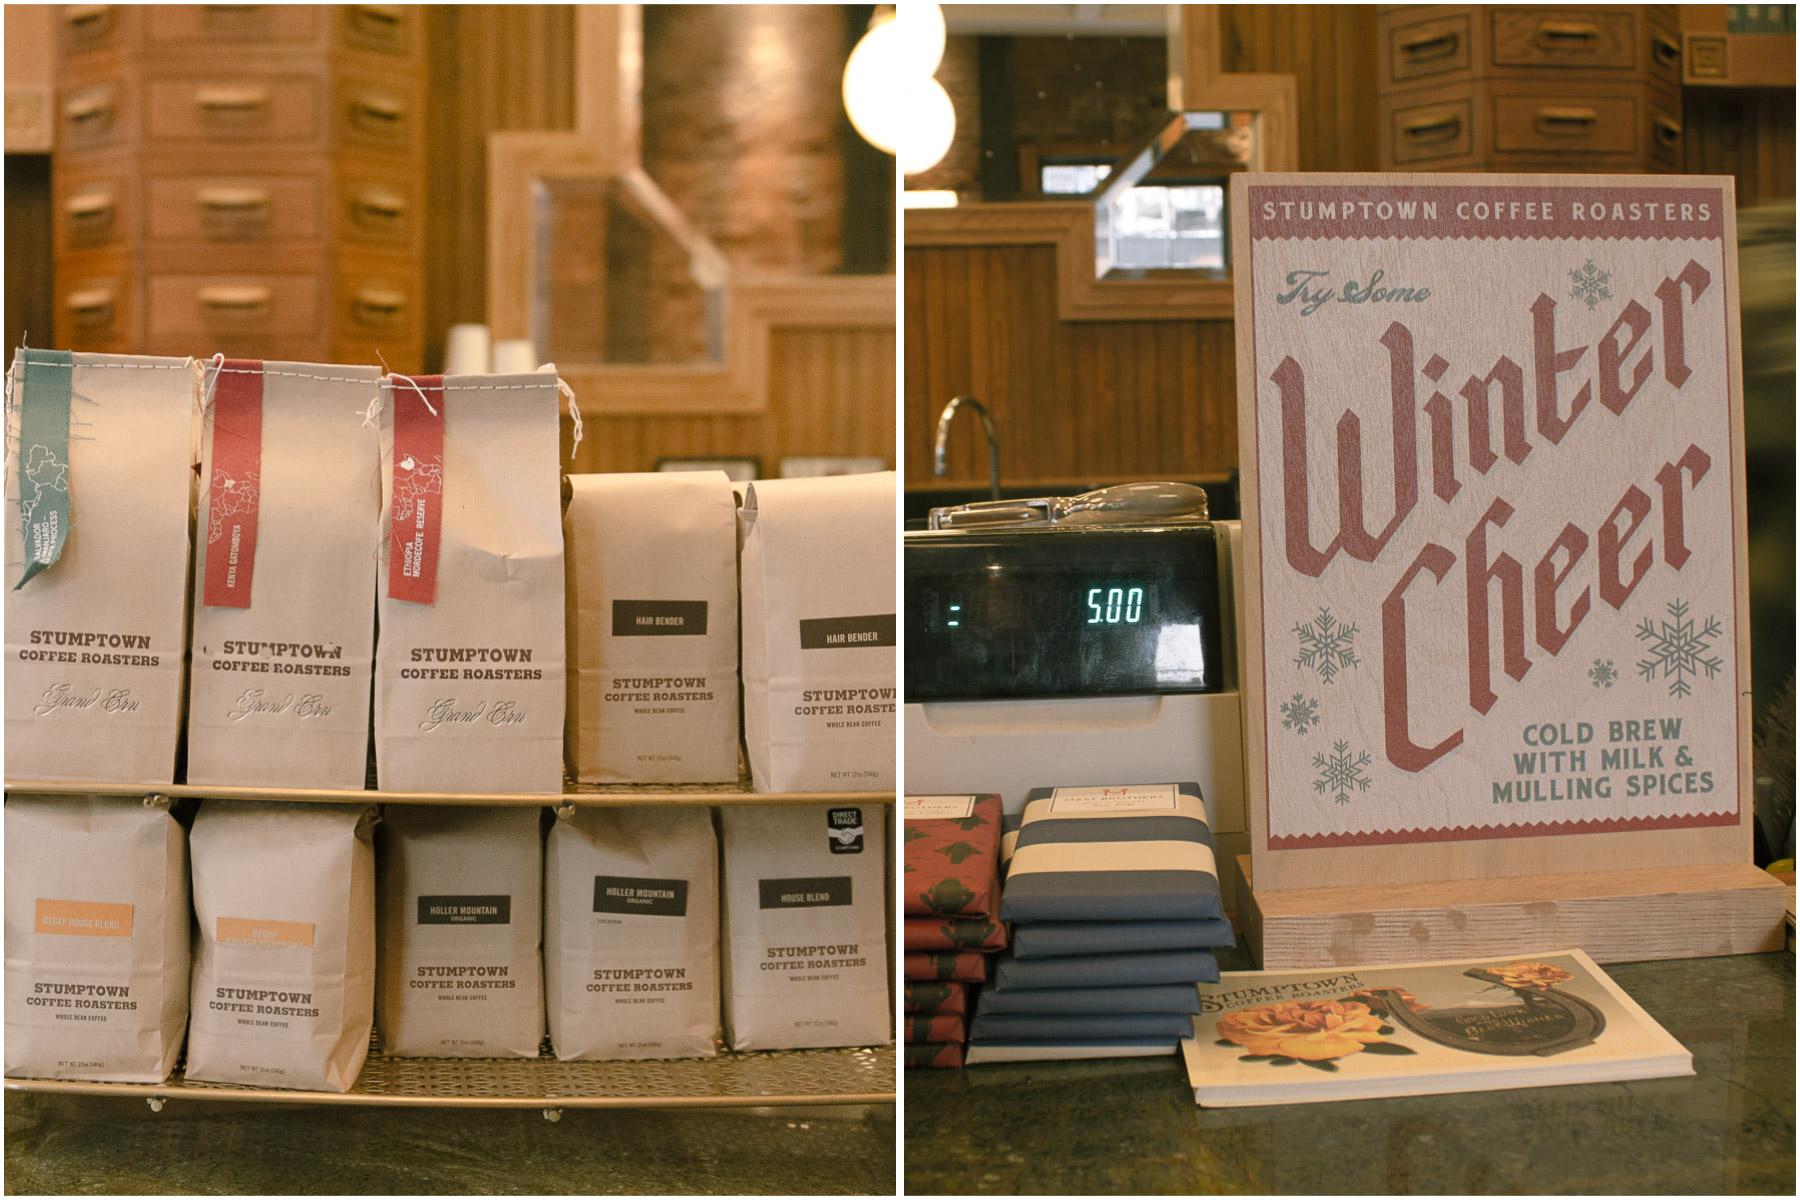 stumptown-coffee-roasters-30-west-8th_2.jpg